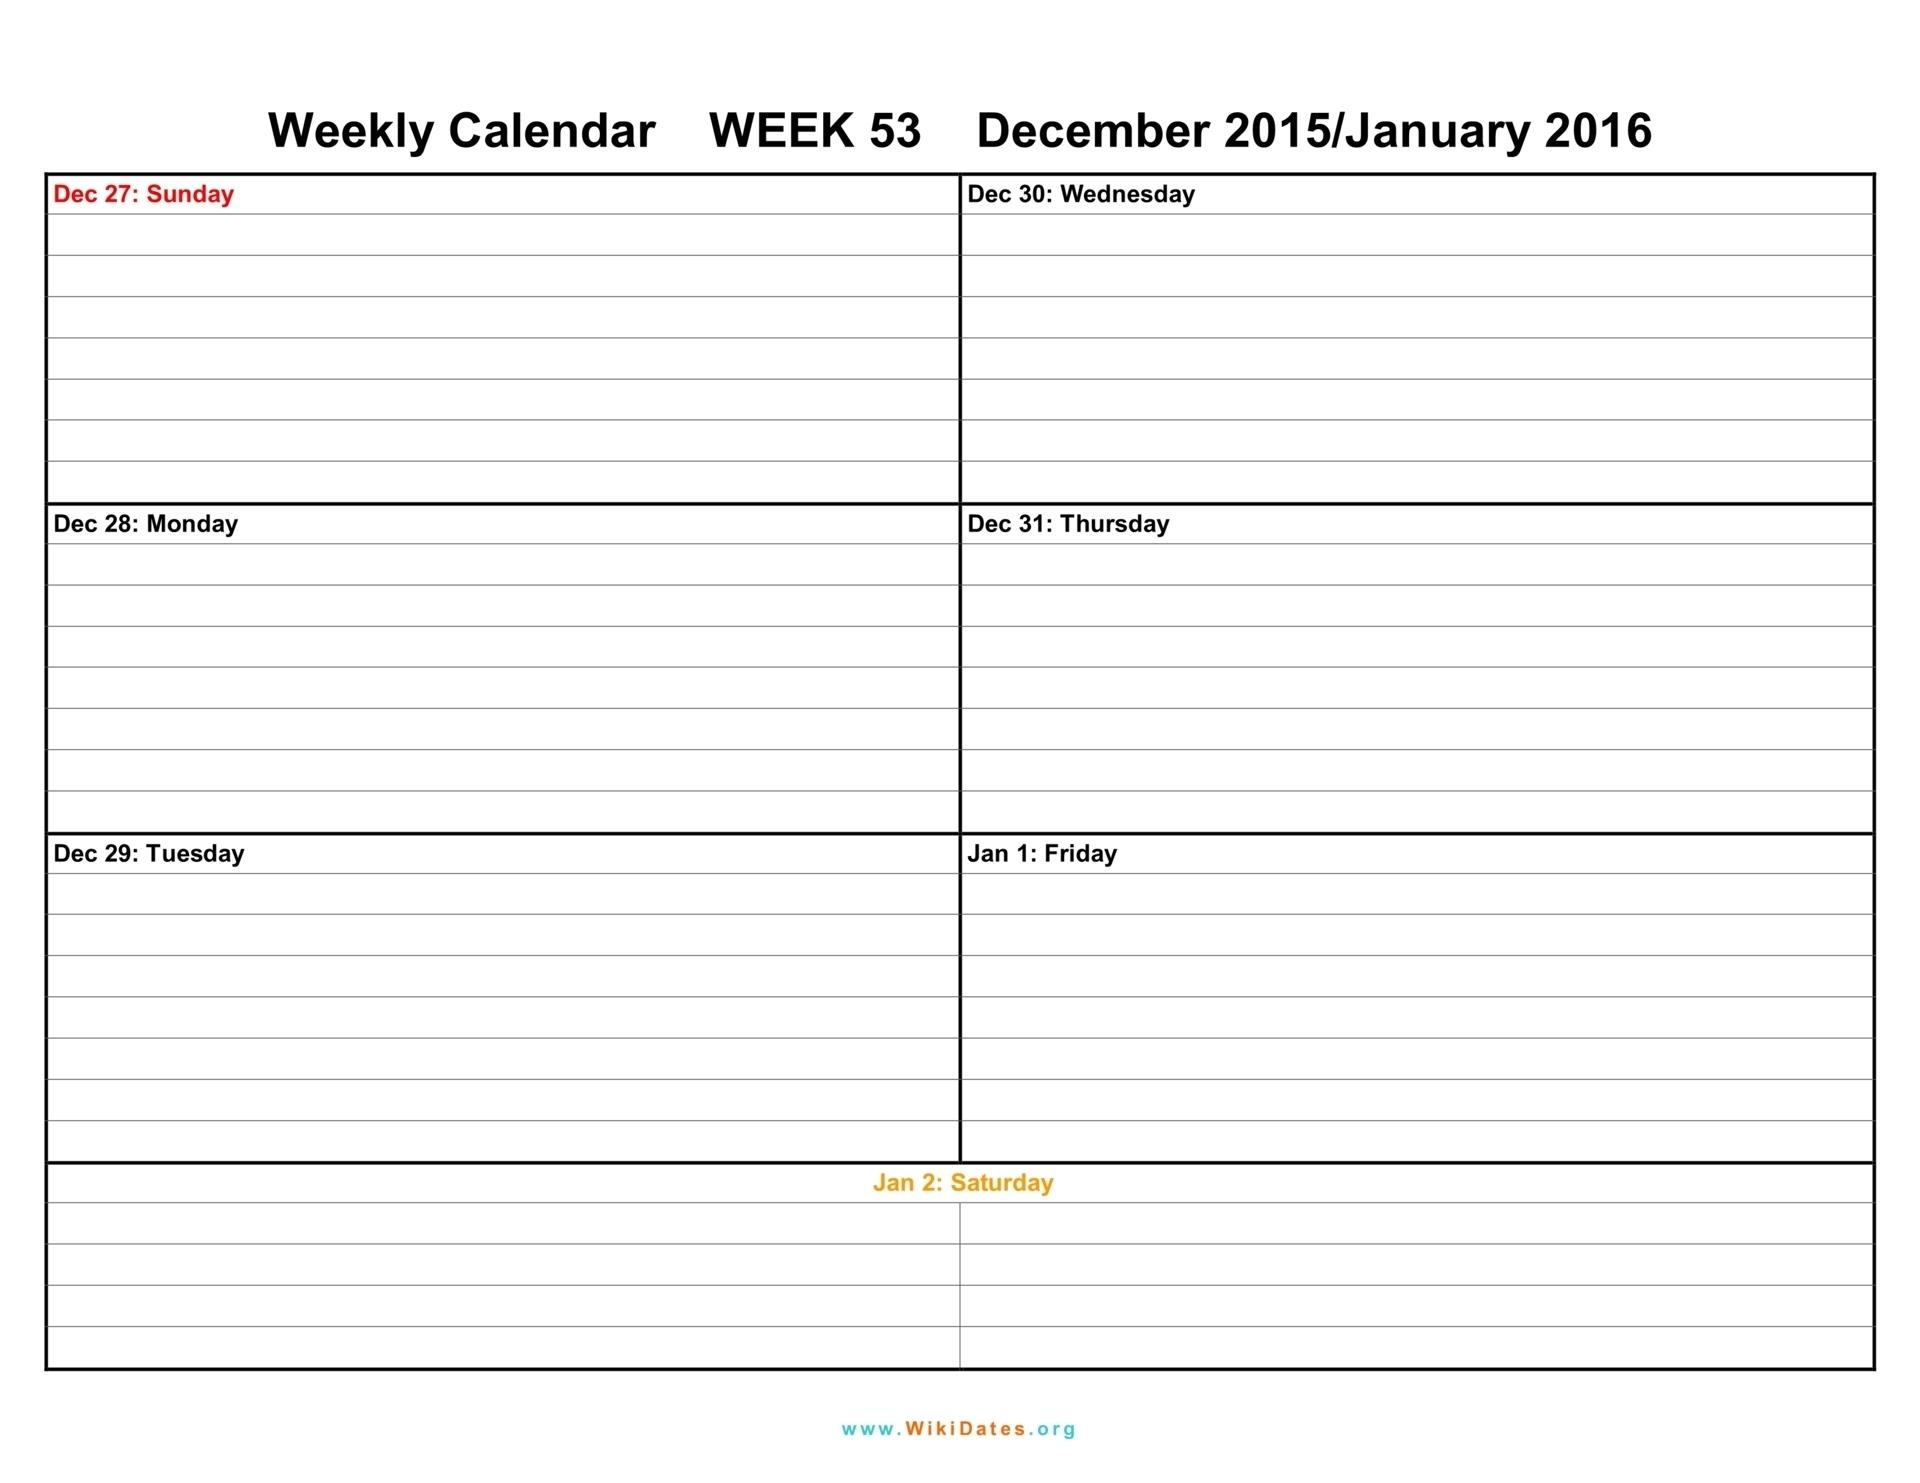 Pdf Printable Kly Calendar Template July Planner Schedule Free Blank within 6 Week Blank Calendar Template